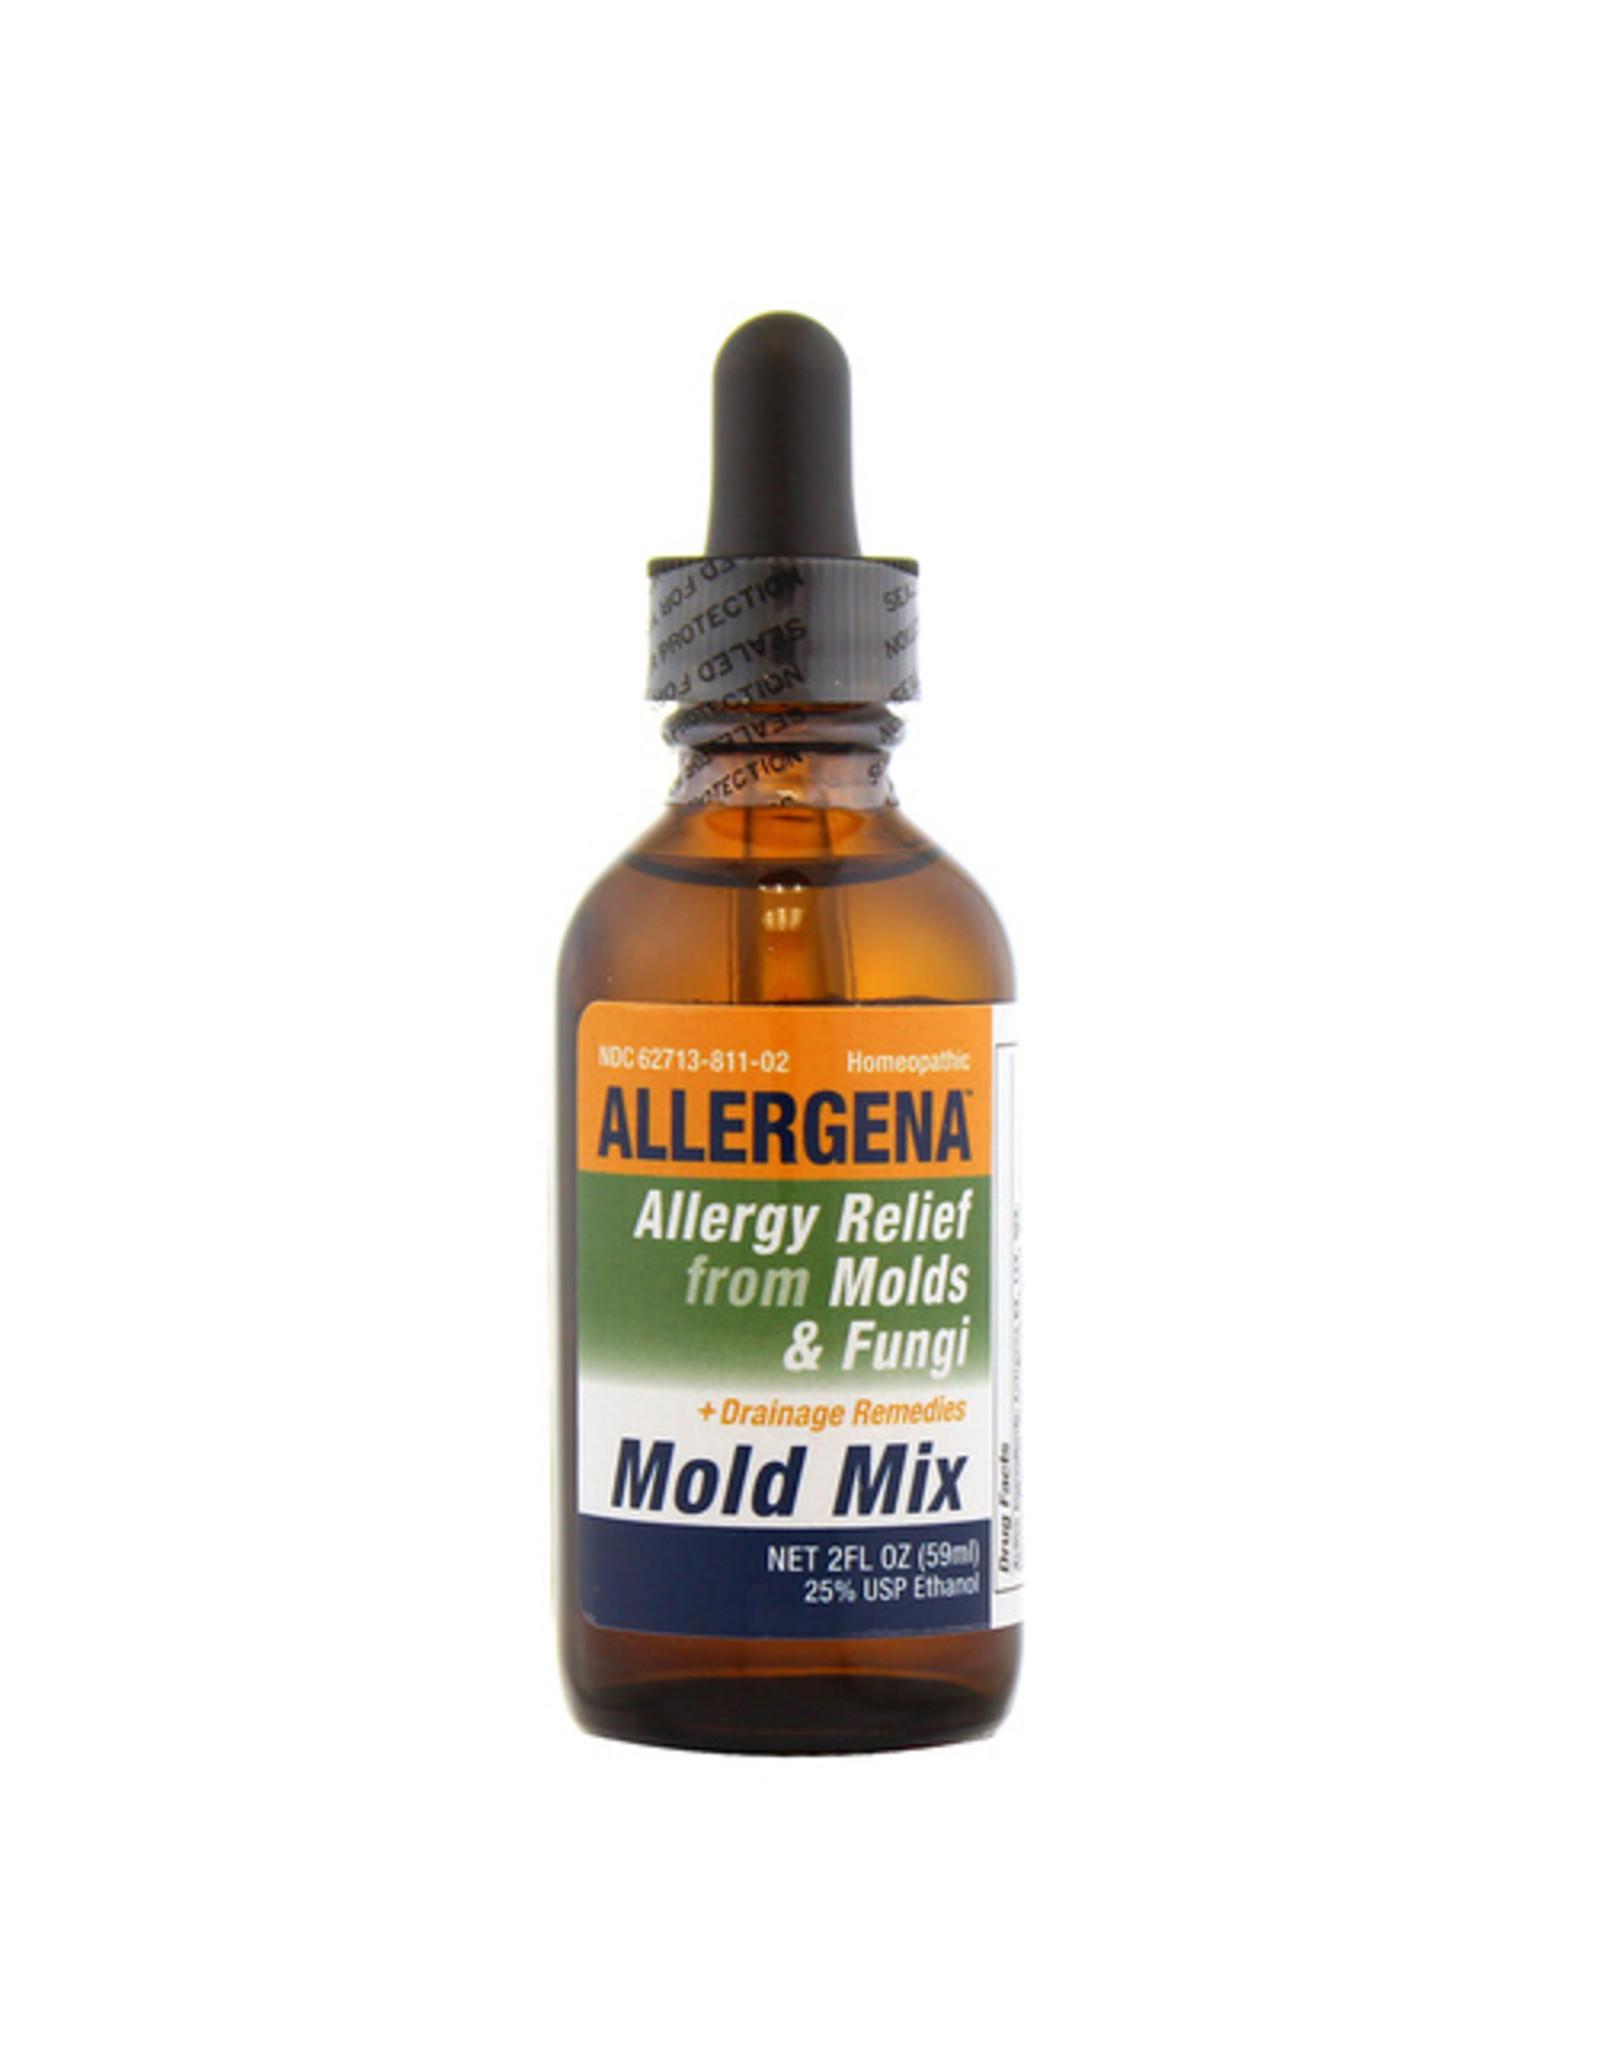 Allergena Mold Mix (1oz)